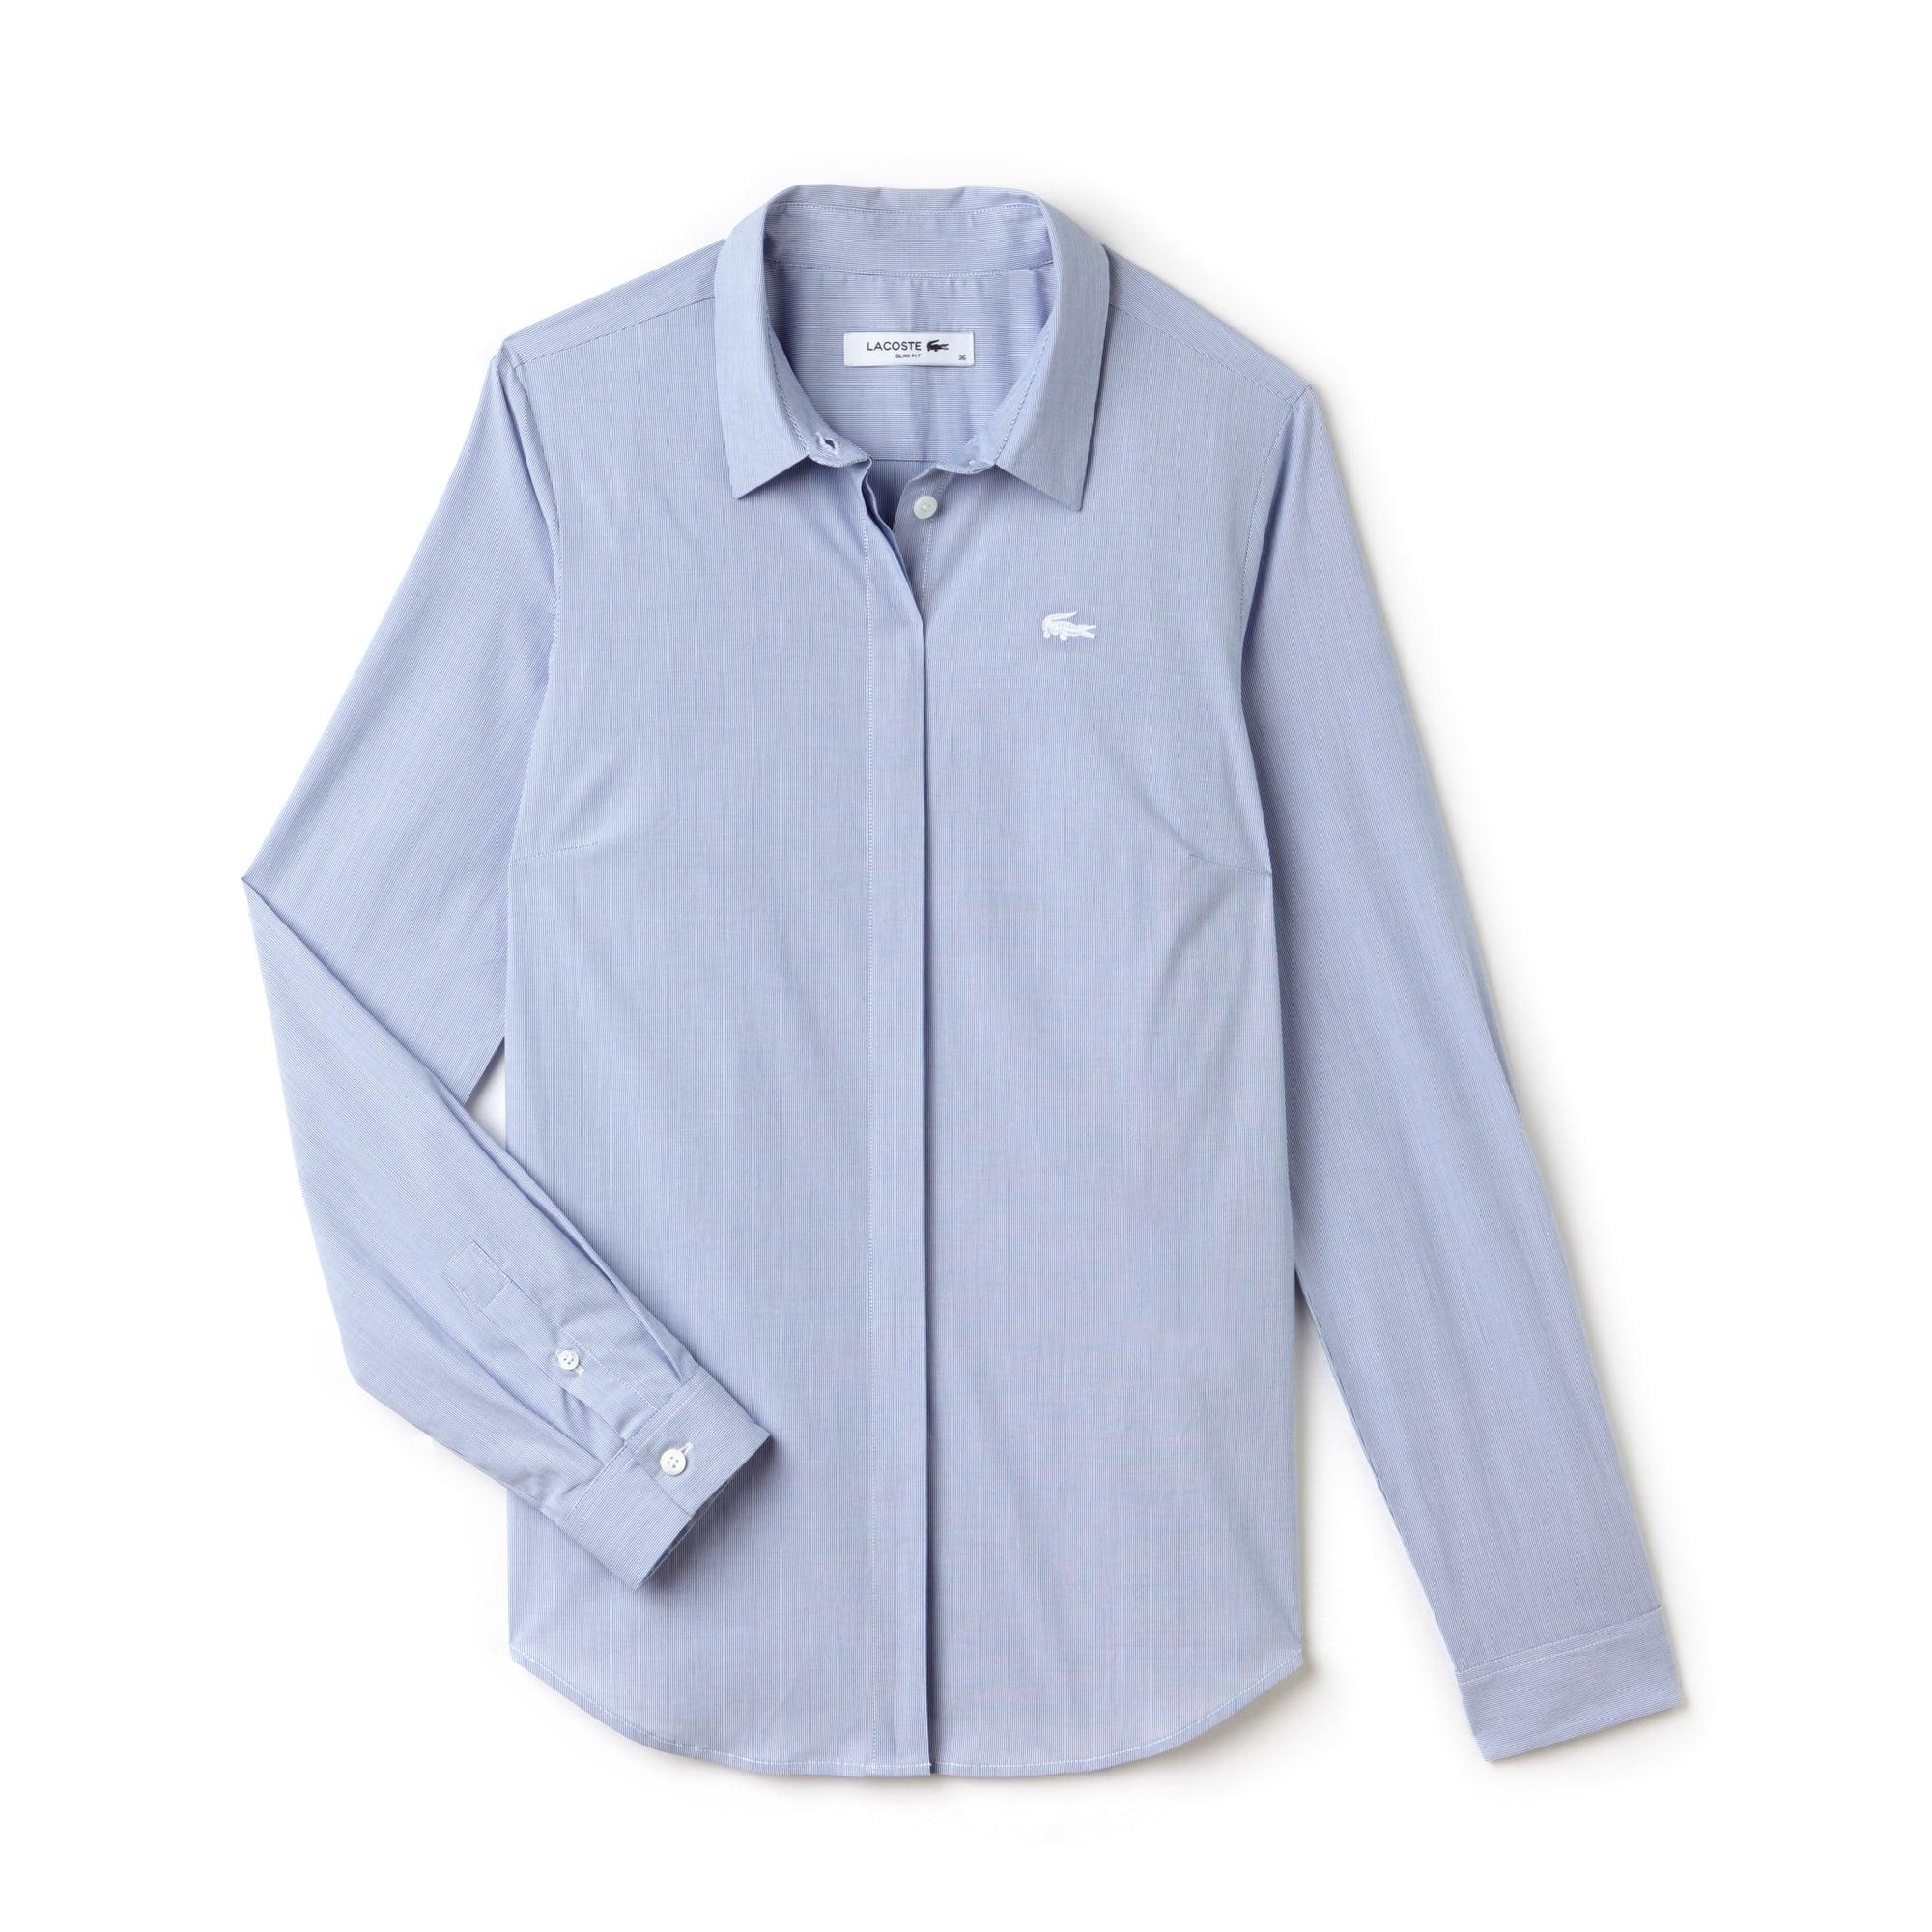 Slim Fit Damen-Bluse aus Baumwoll-Popeline mit Stretch